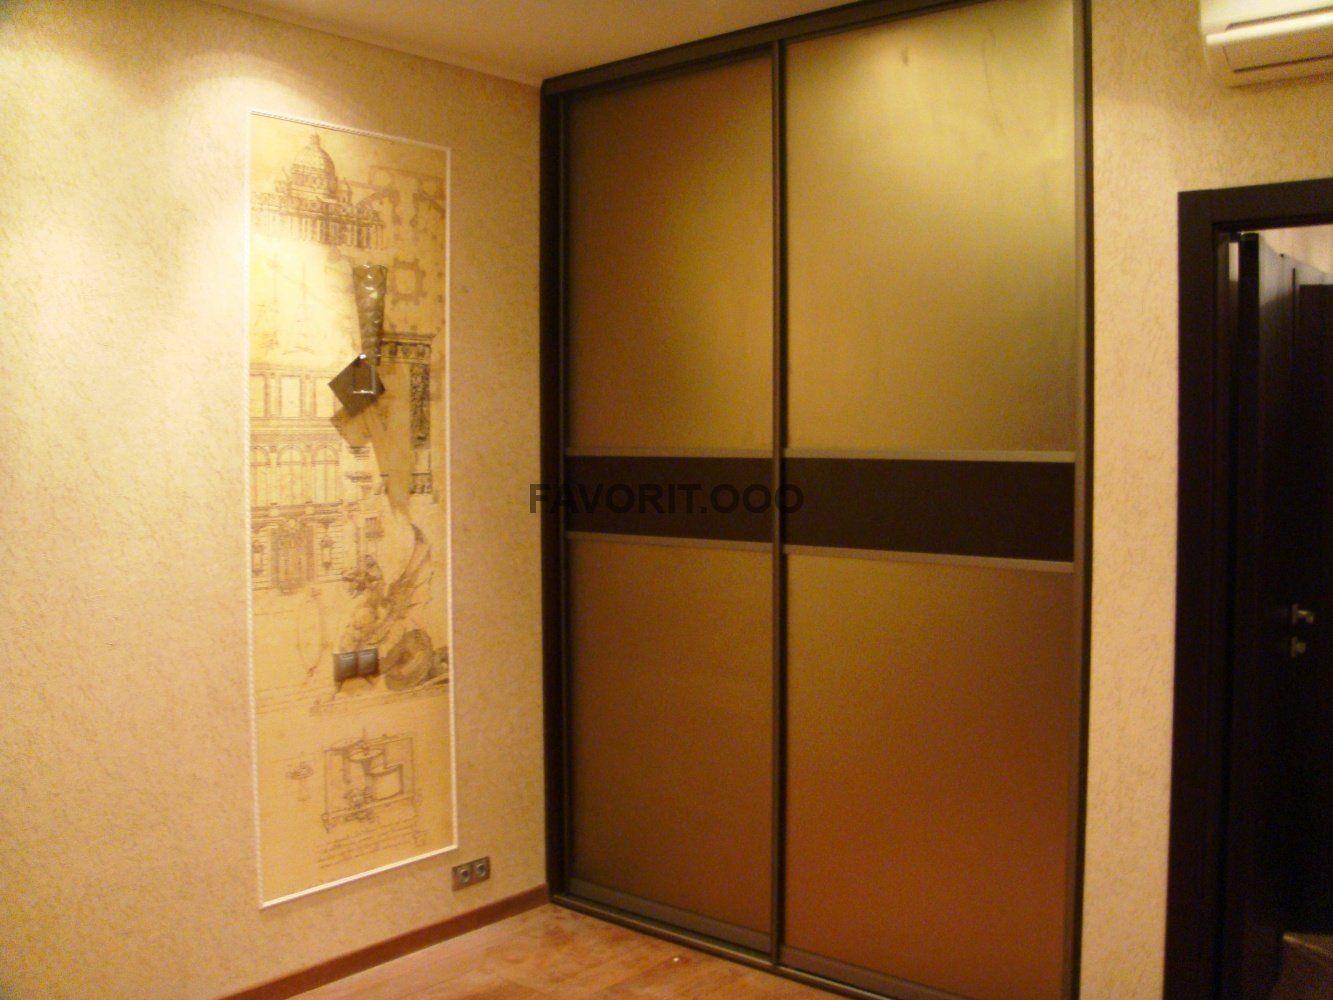 Двери купе с вставками из матового зеркала бронза.